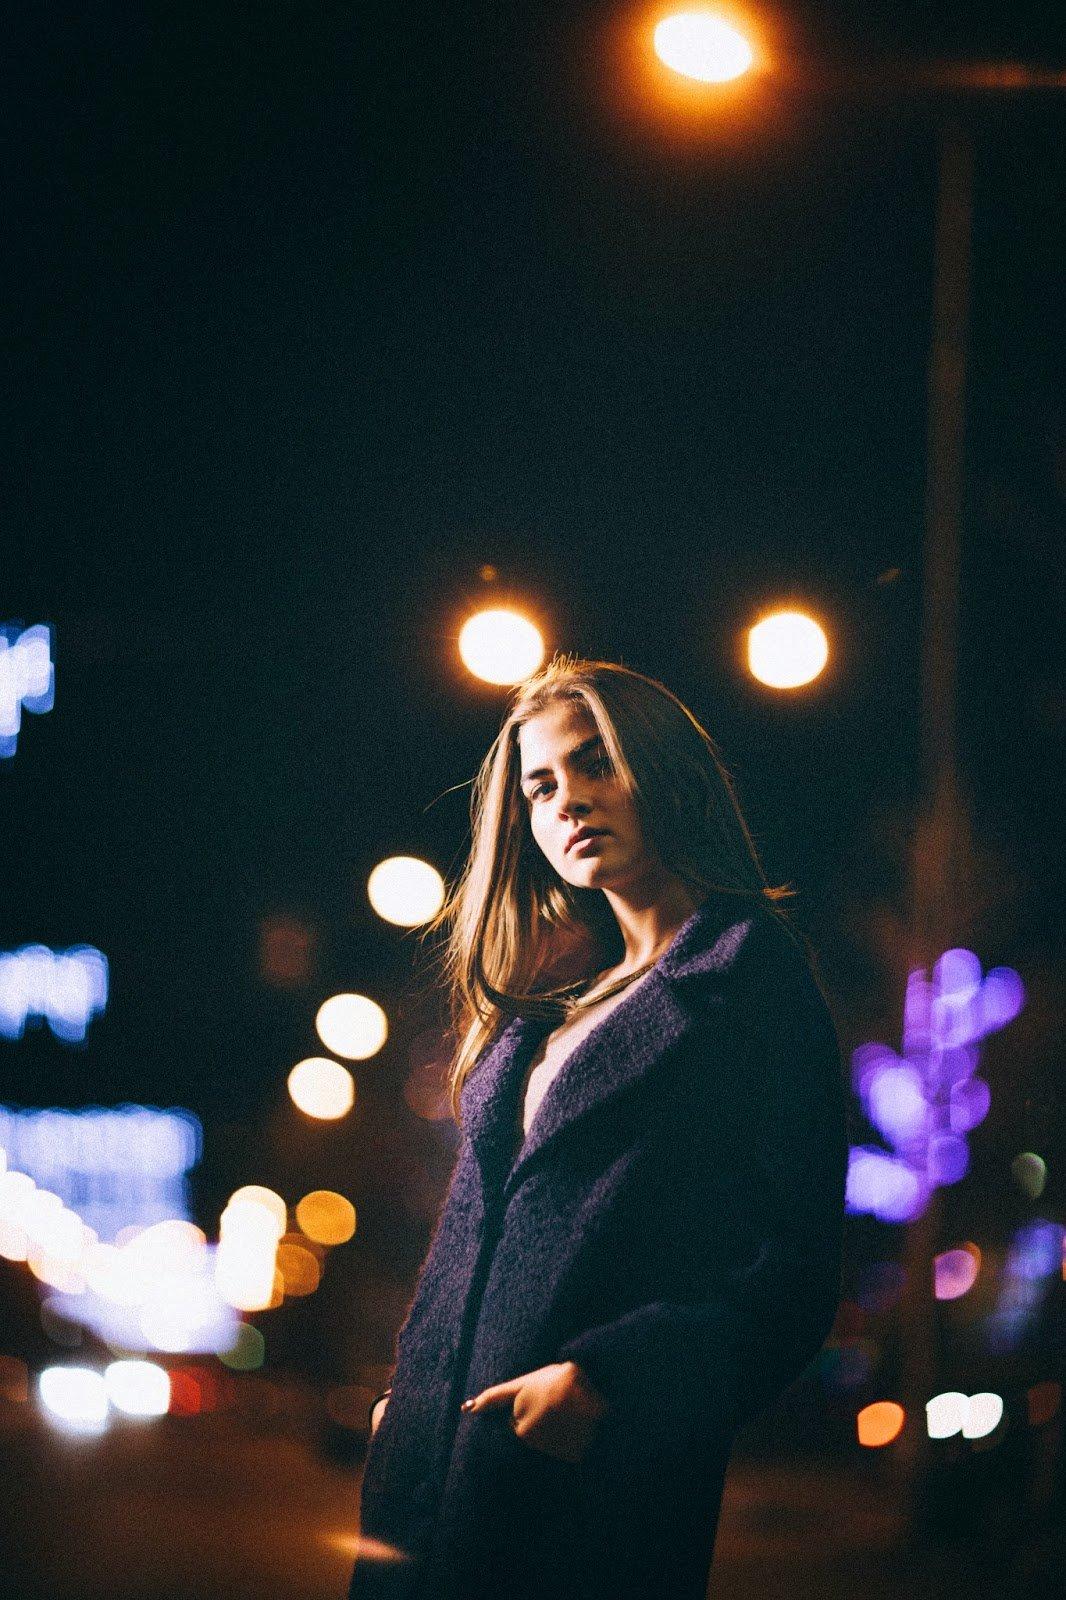 какие можно сделать фотографии ночью деревянная